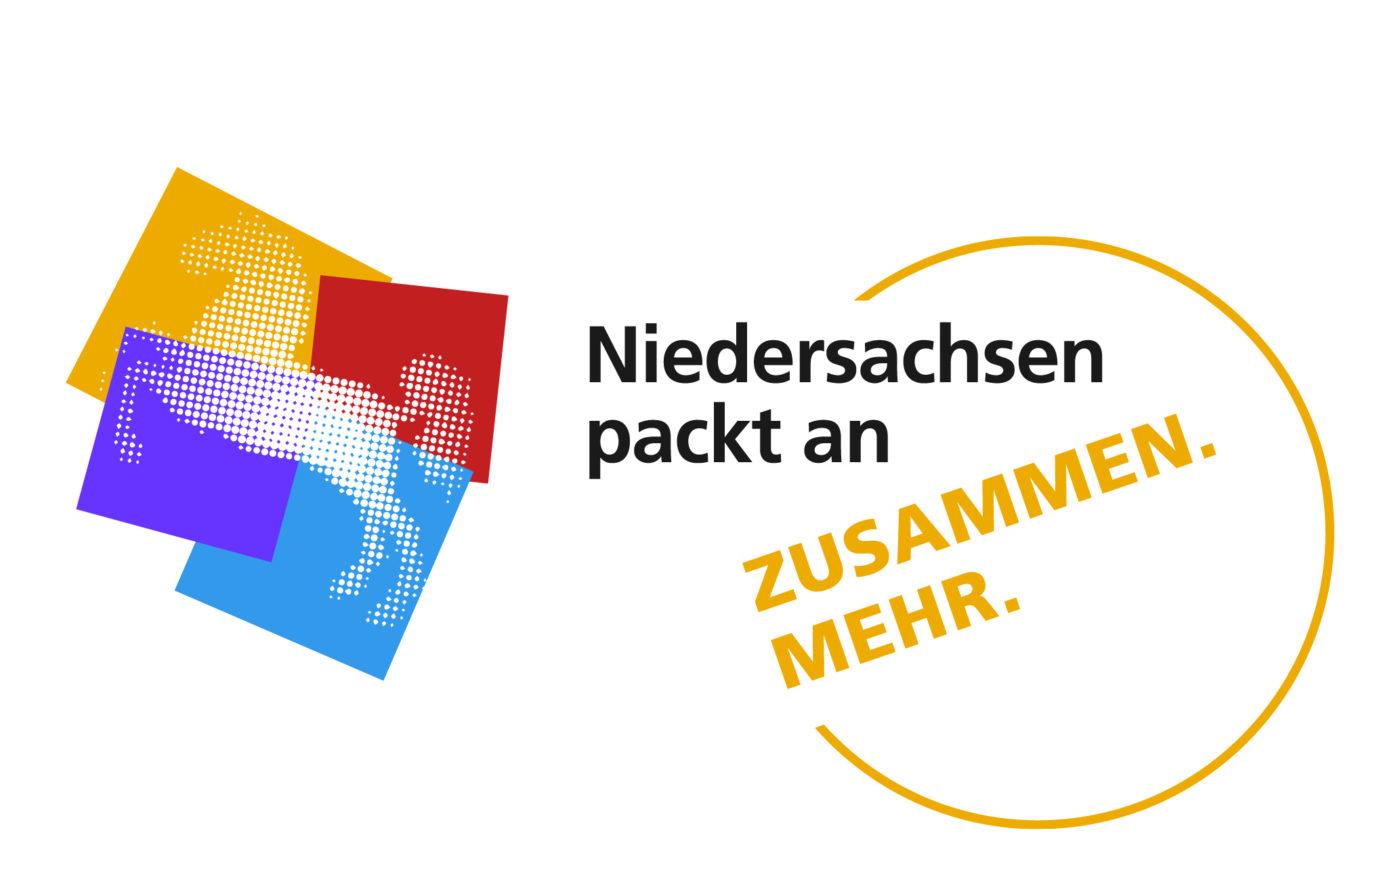 5-Jahre-Niedersachsen-packt-an